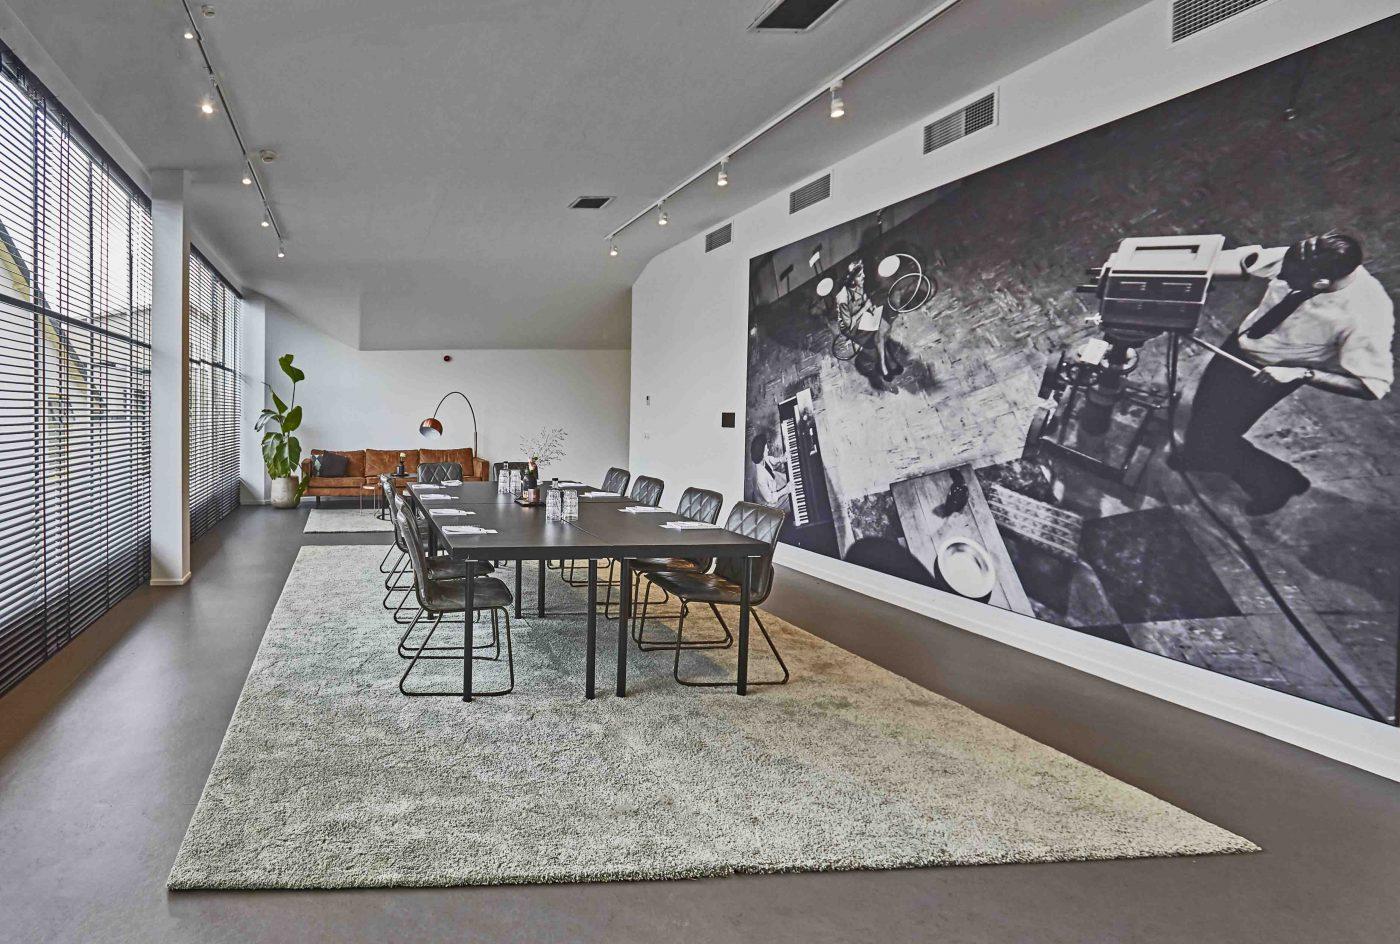 Jeanne Roos Room standaardopstelling bij Gooiland in Hilversum